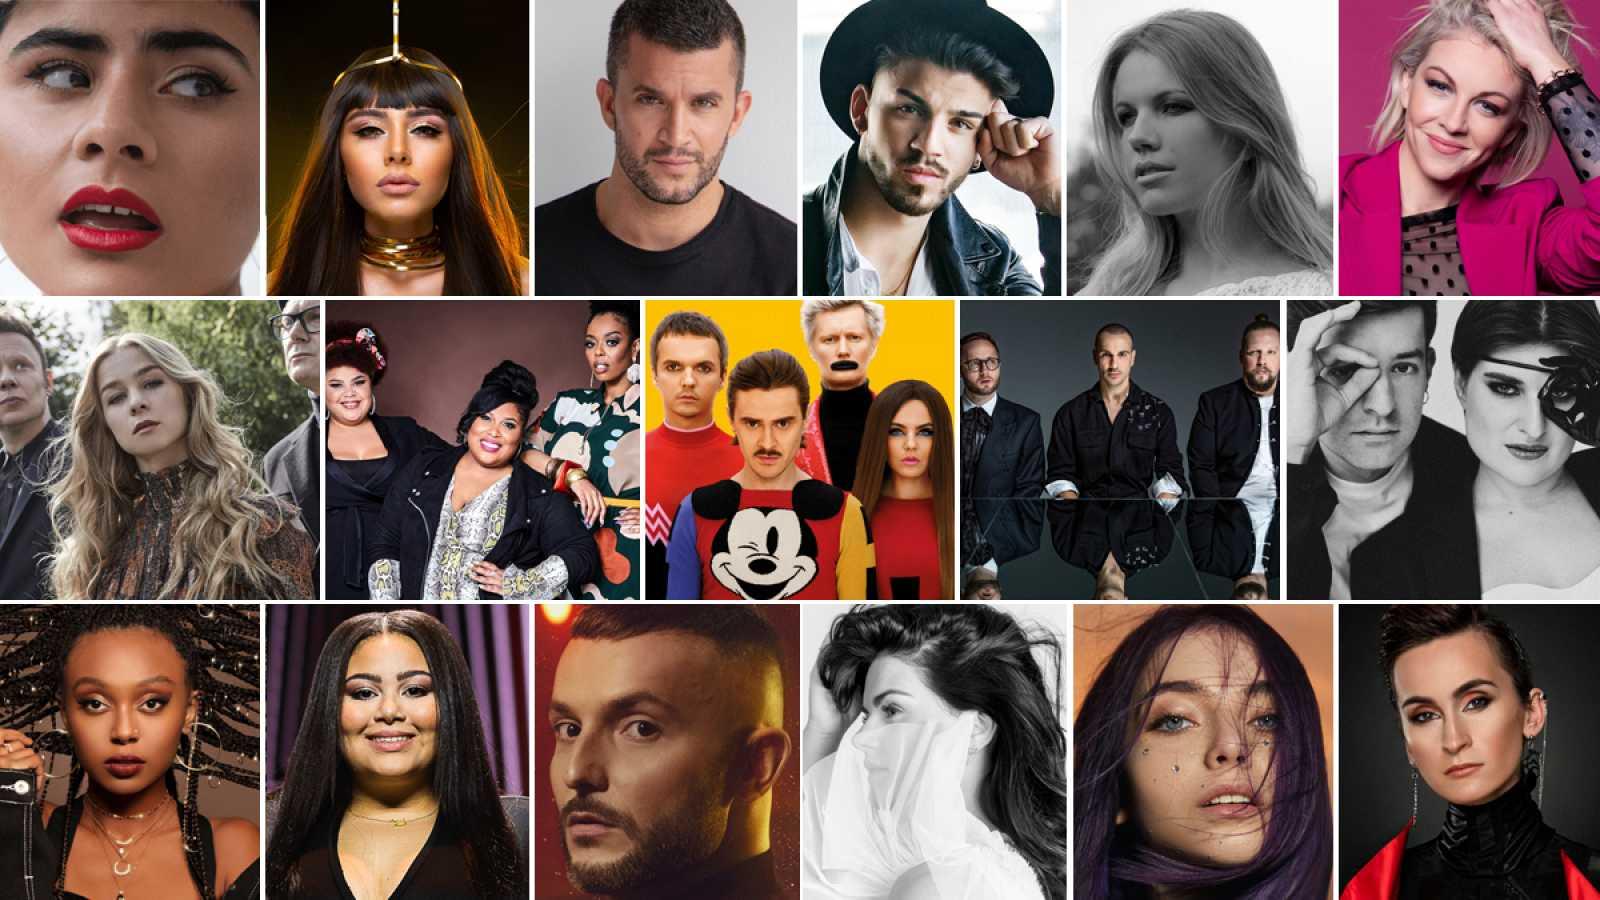 Los 17 candidatos de la primera semifinal de Eurvosión 2020.